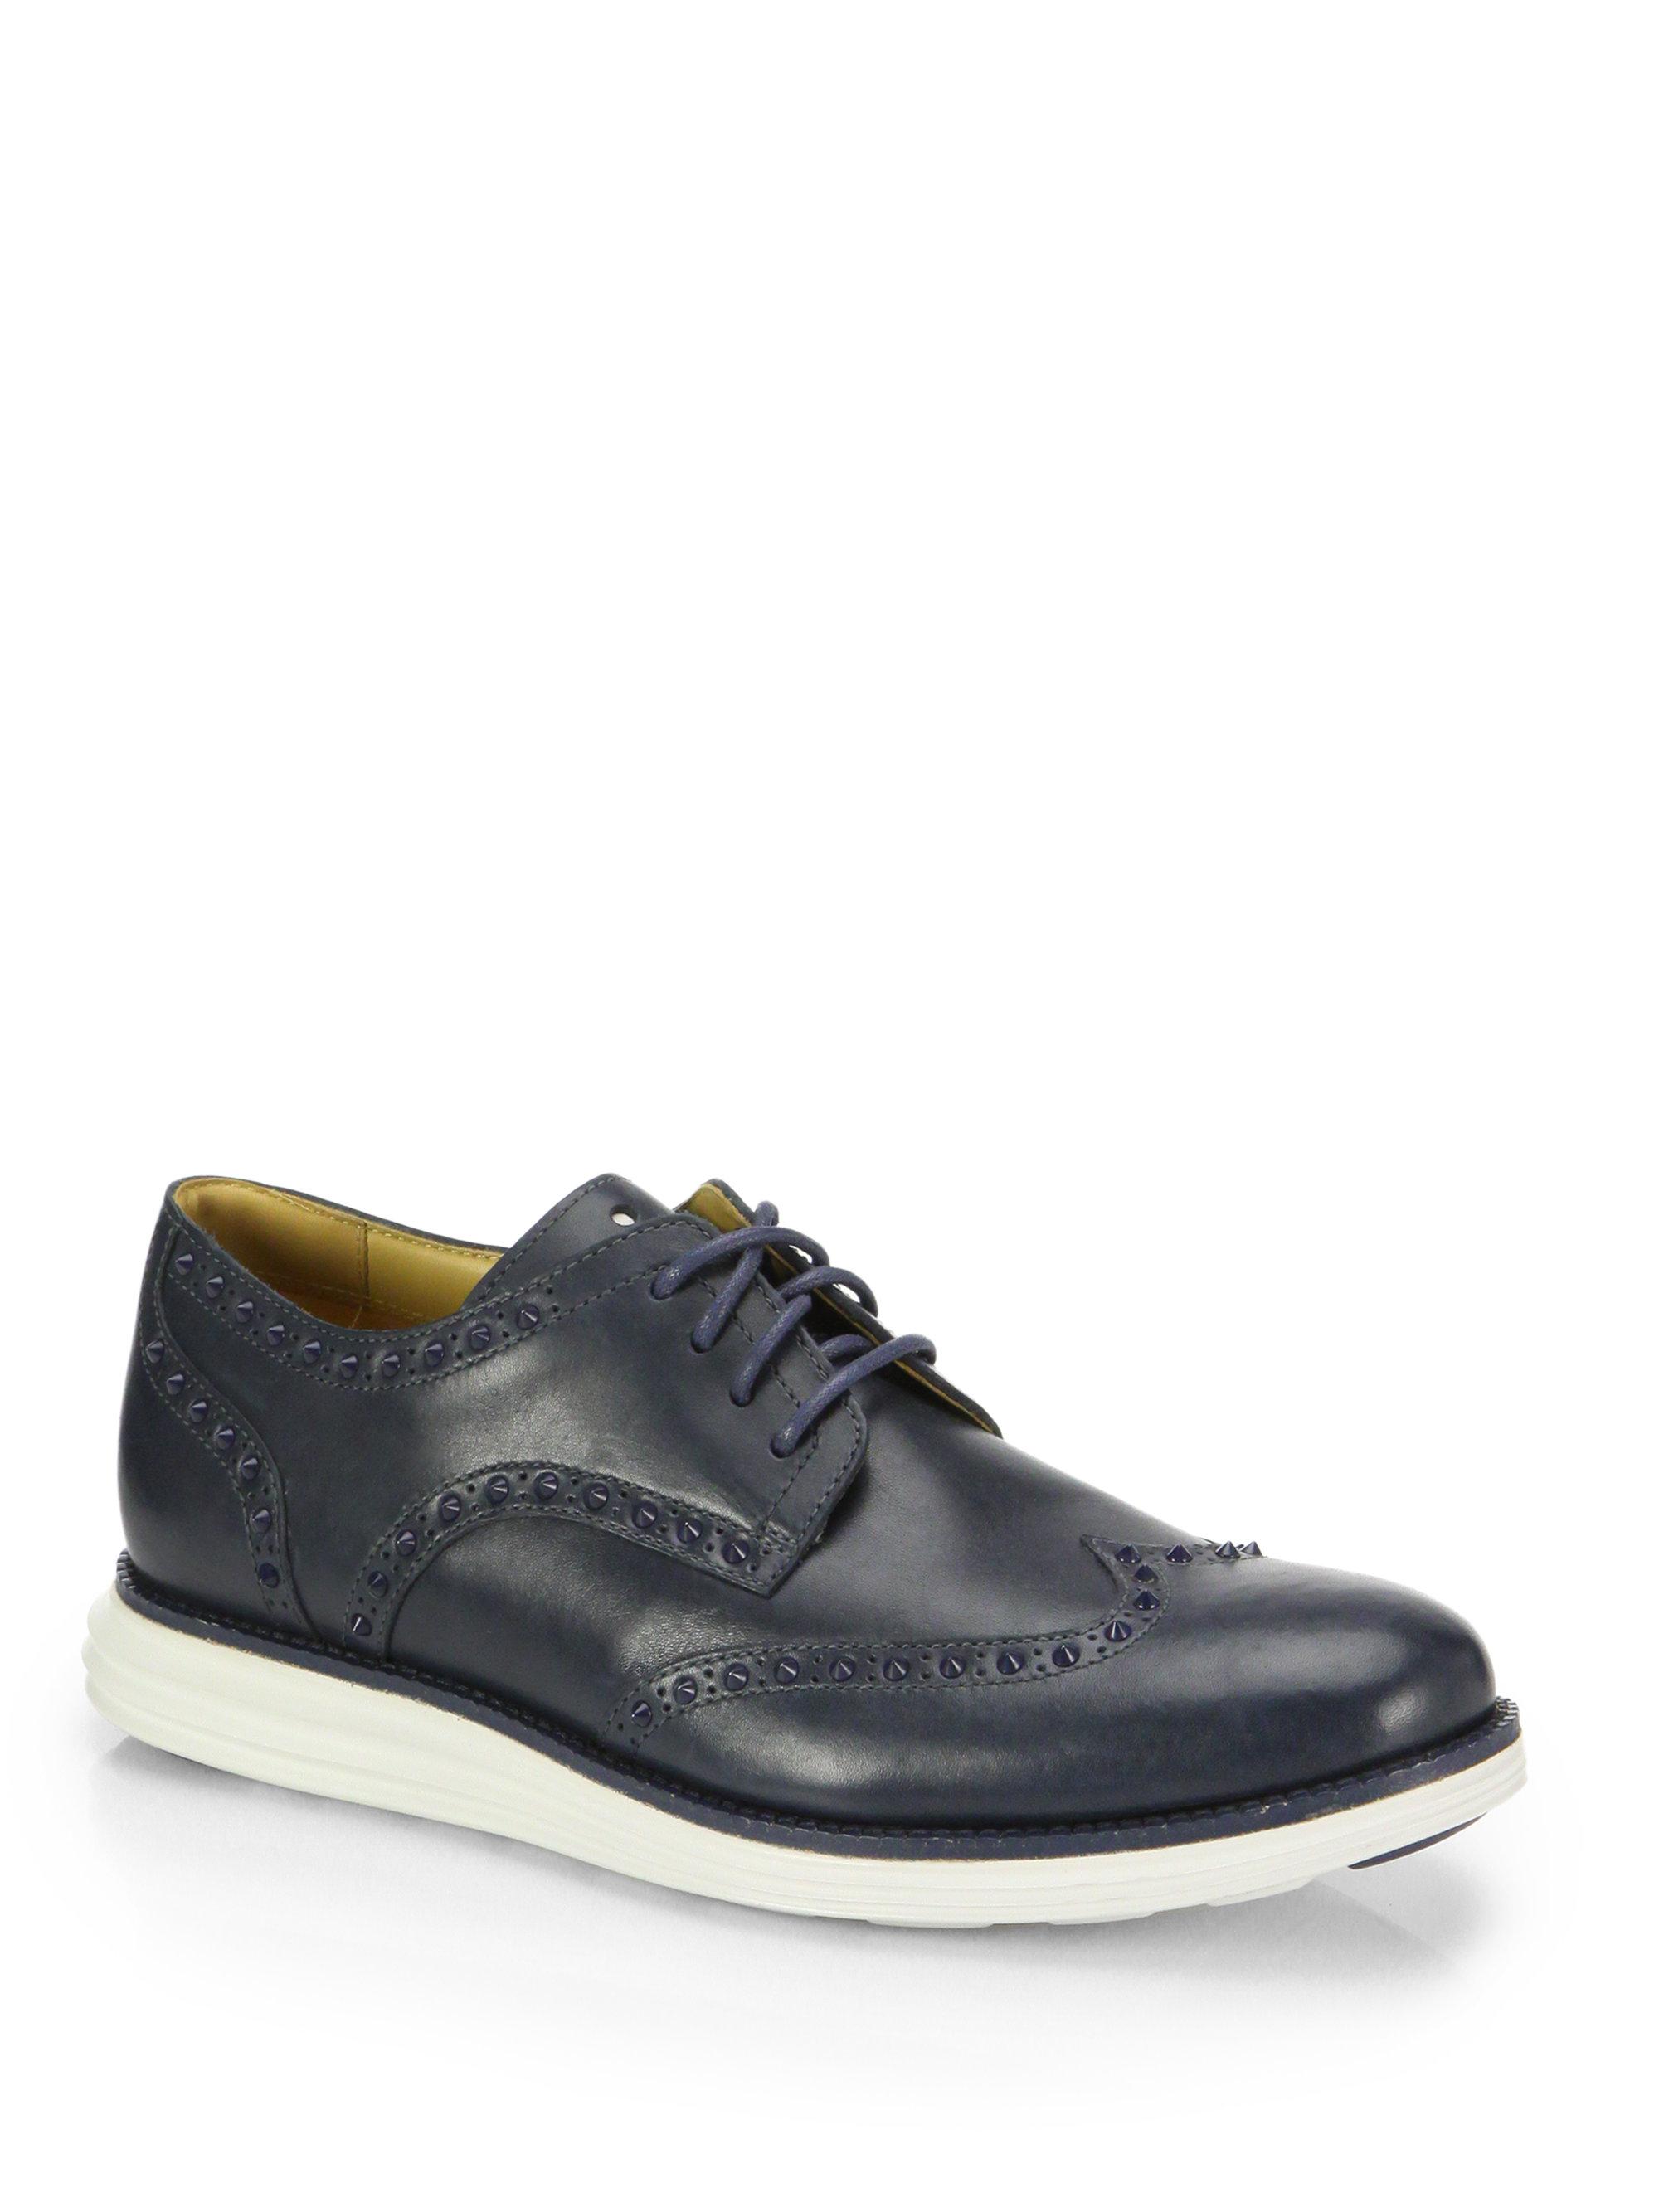 Nordstrom Rack Cole Haan Shoes Men